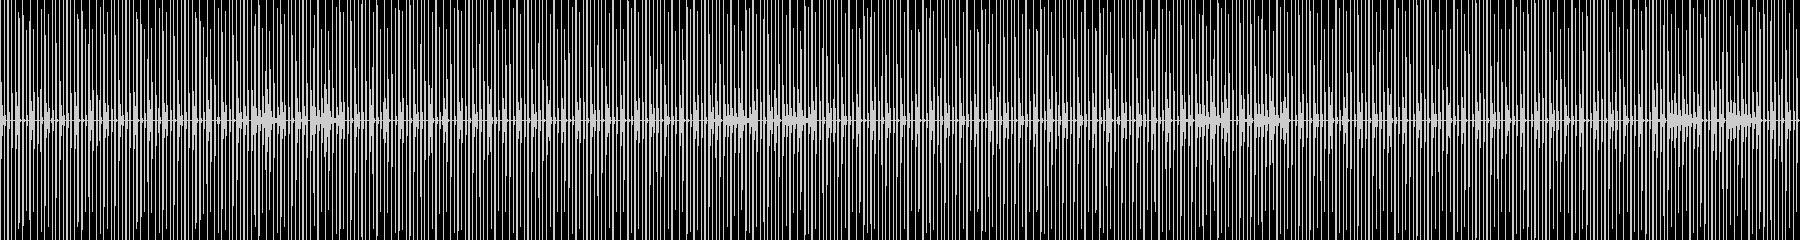 シンキングタイムのBGM 【ループ】の未再生の波形